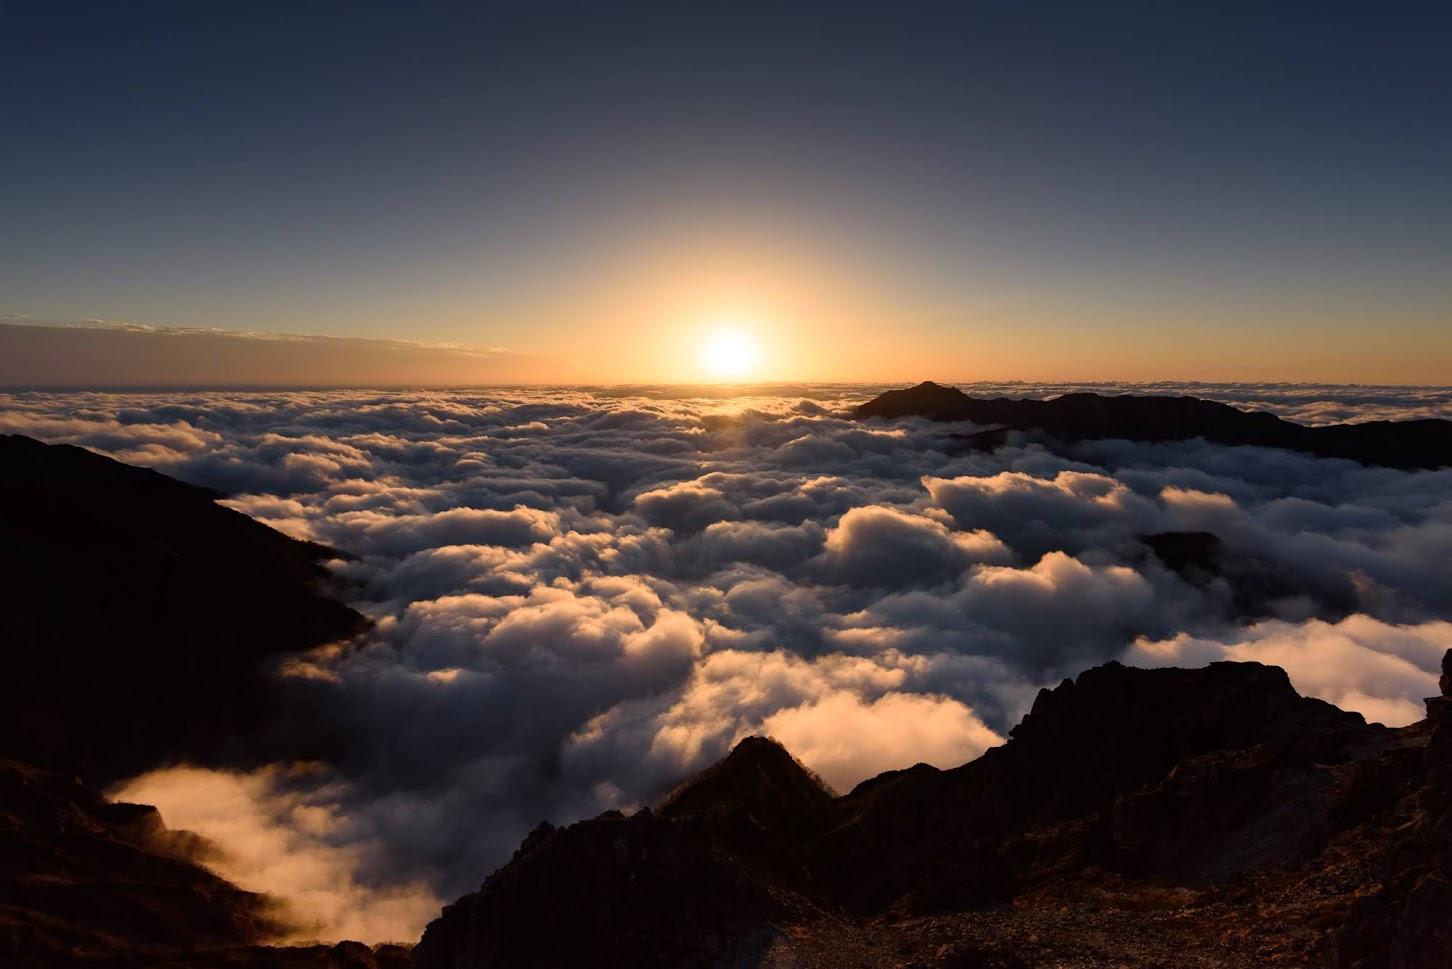 【北アルプス】表銀座 縦走(その3)~南岳から望む穂高岳の絶景を独り占め~